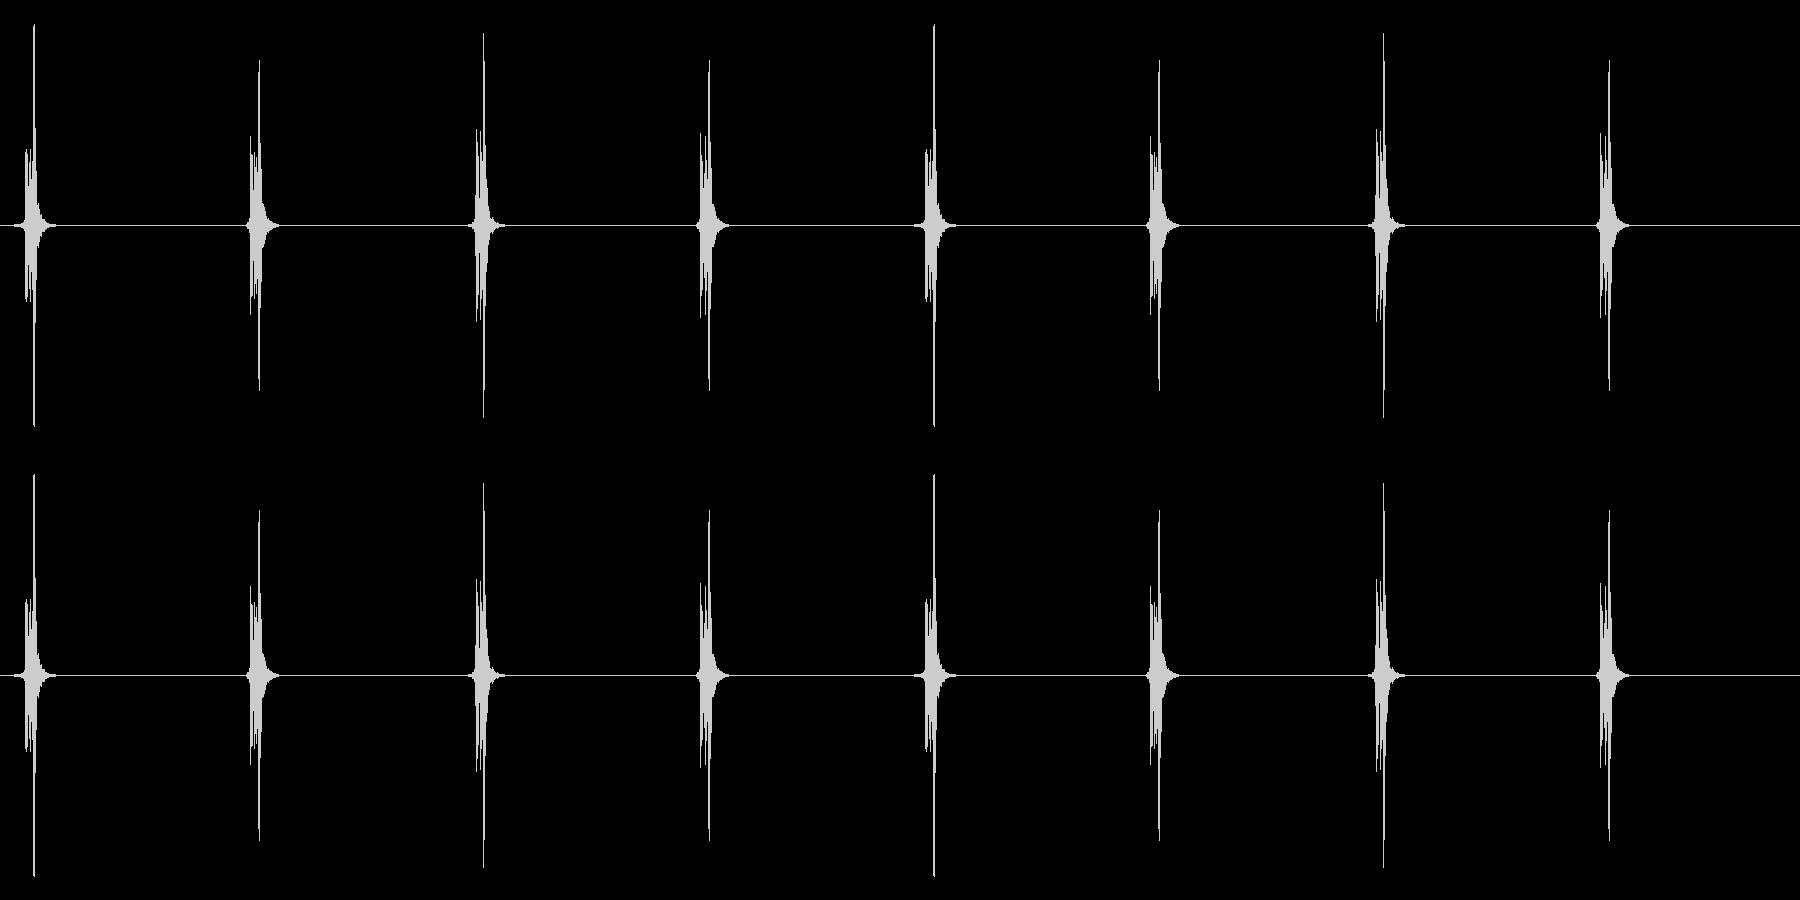 時計 秒針03-2(ループ 2)の未再生の波形